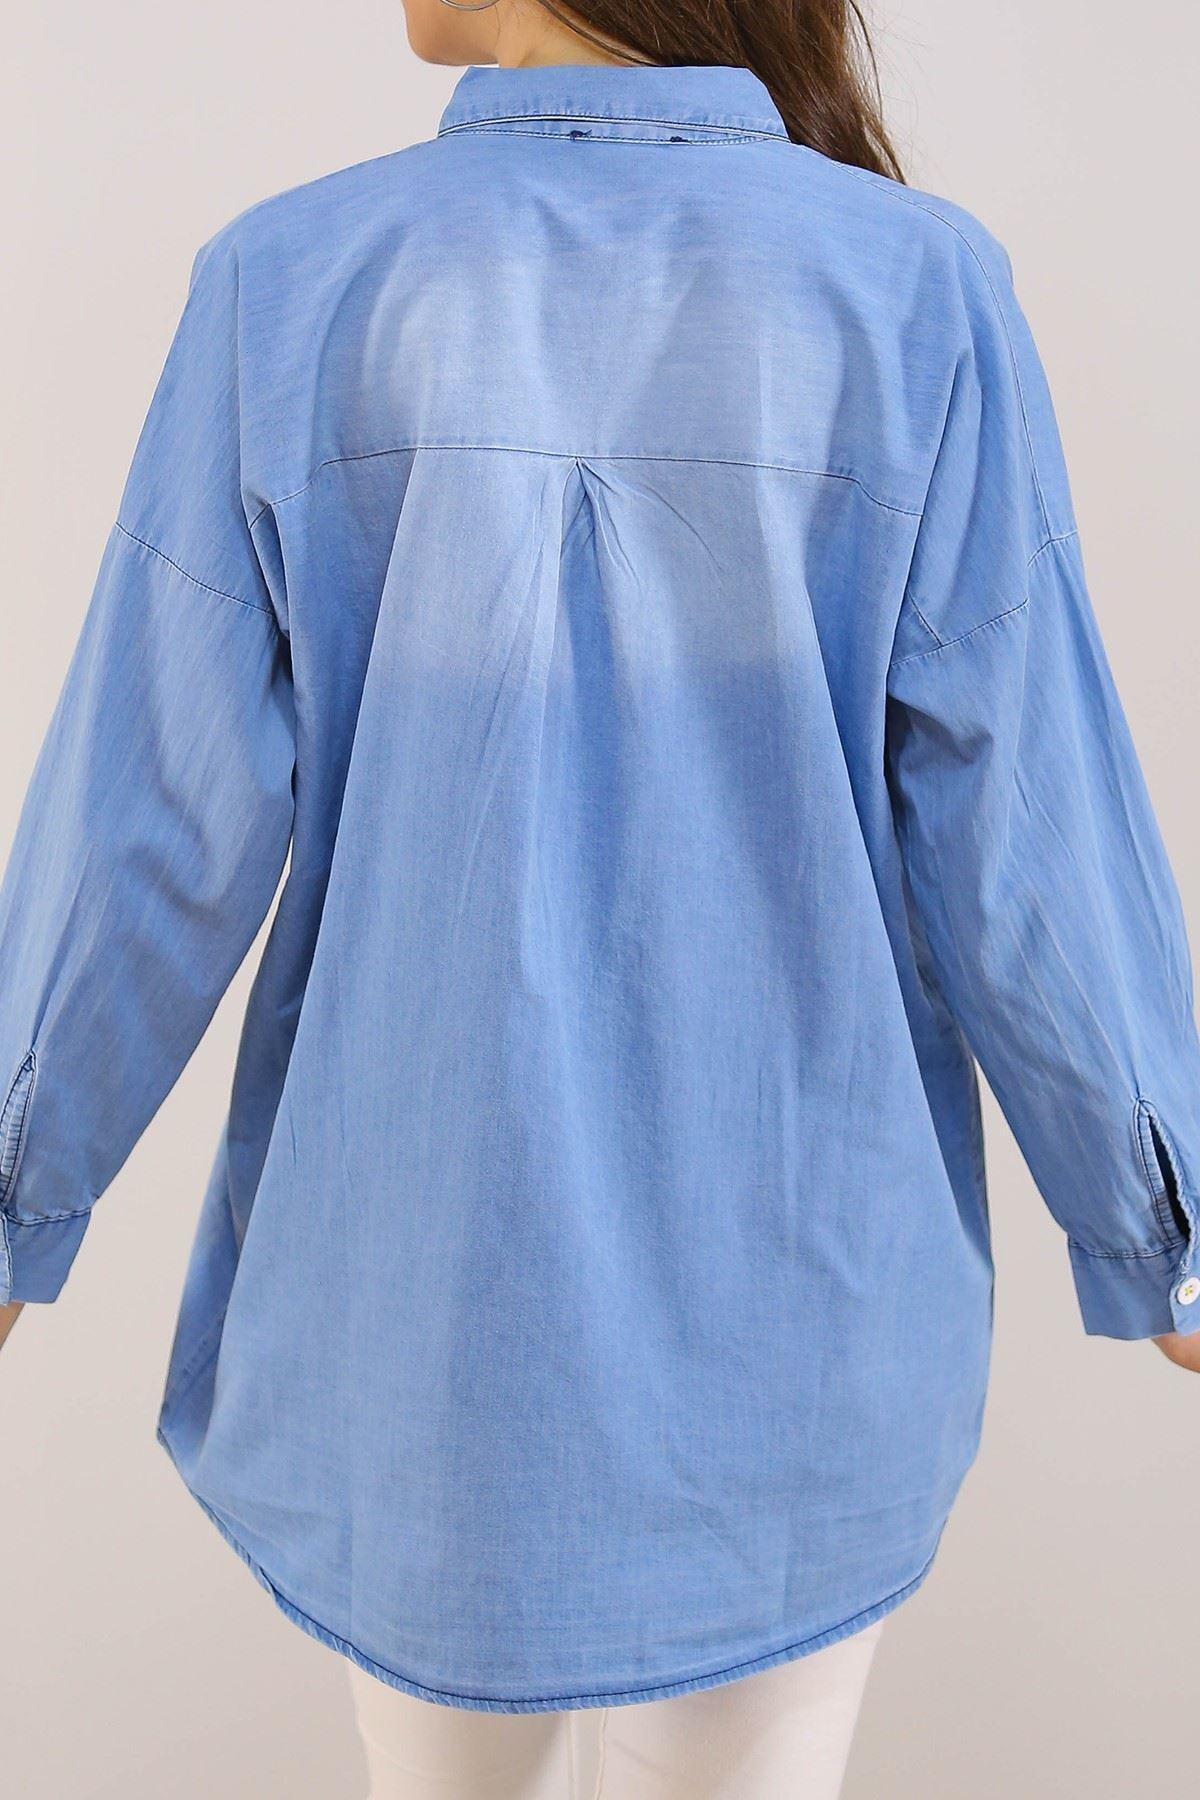 Nakışlı Kadın Kot Gömlek Açıkmavi - 8057.1352.